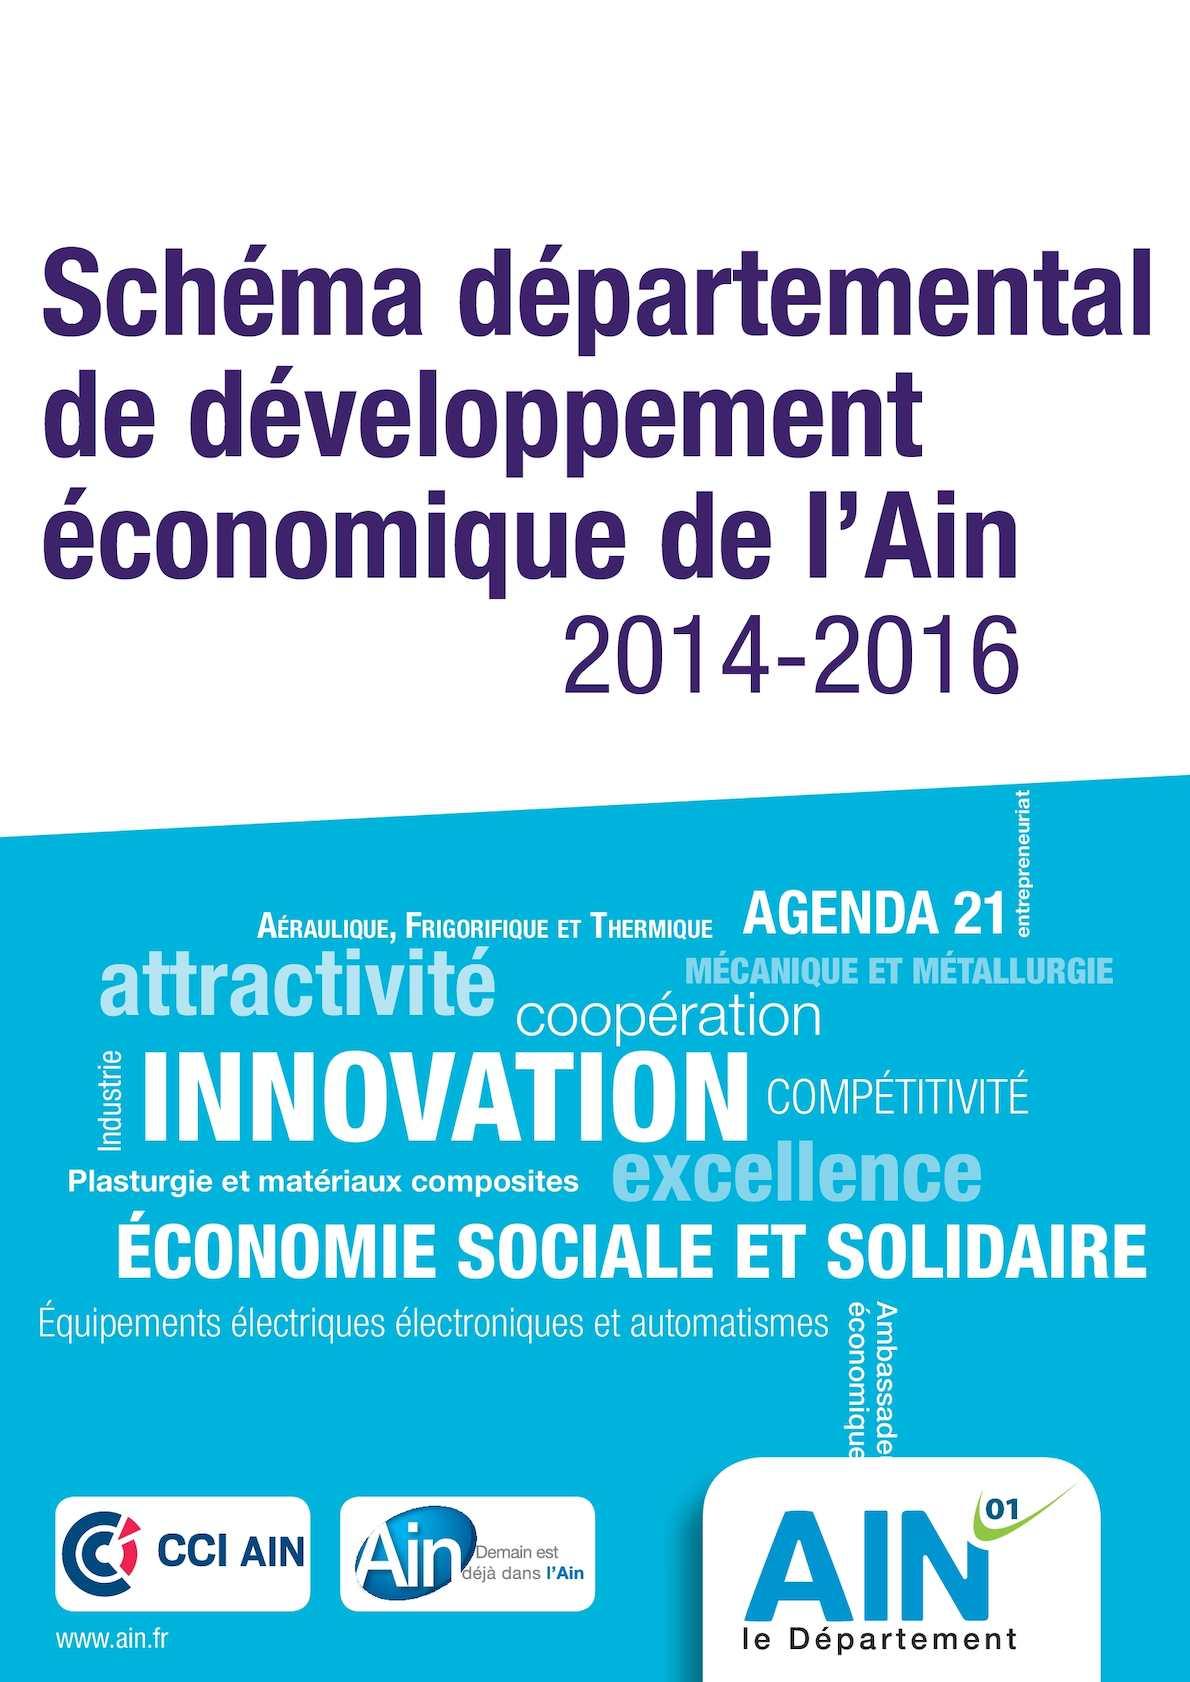 b8064d73f4b Calaméo - Schéma de développement économique de l Ain 2014-2016